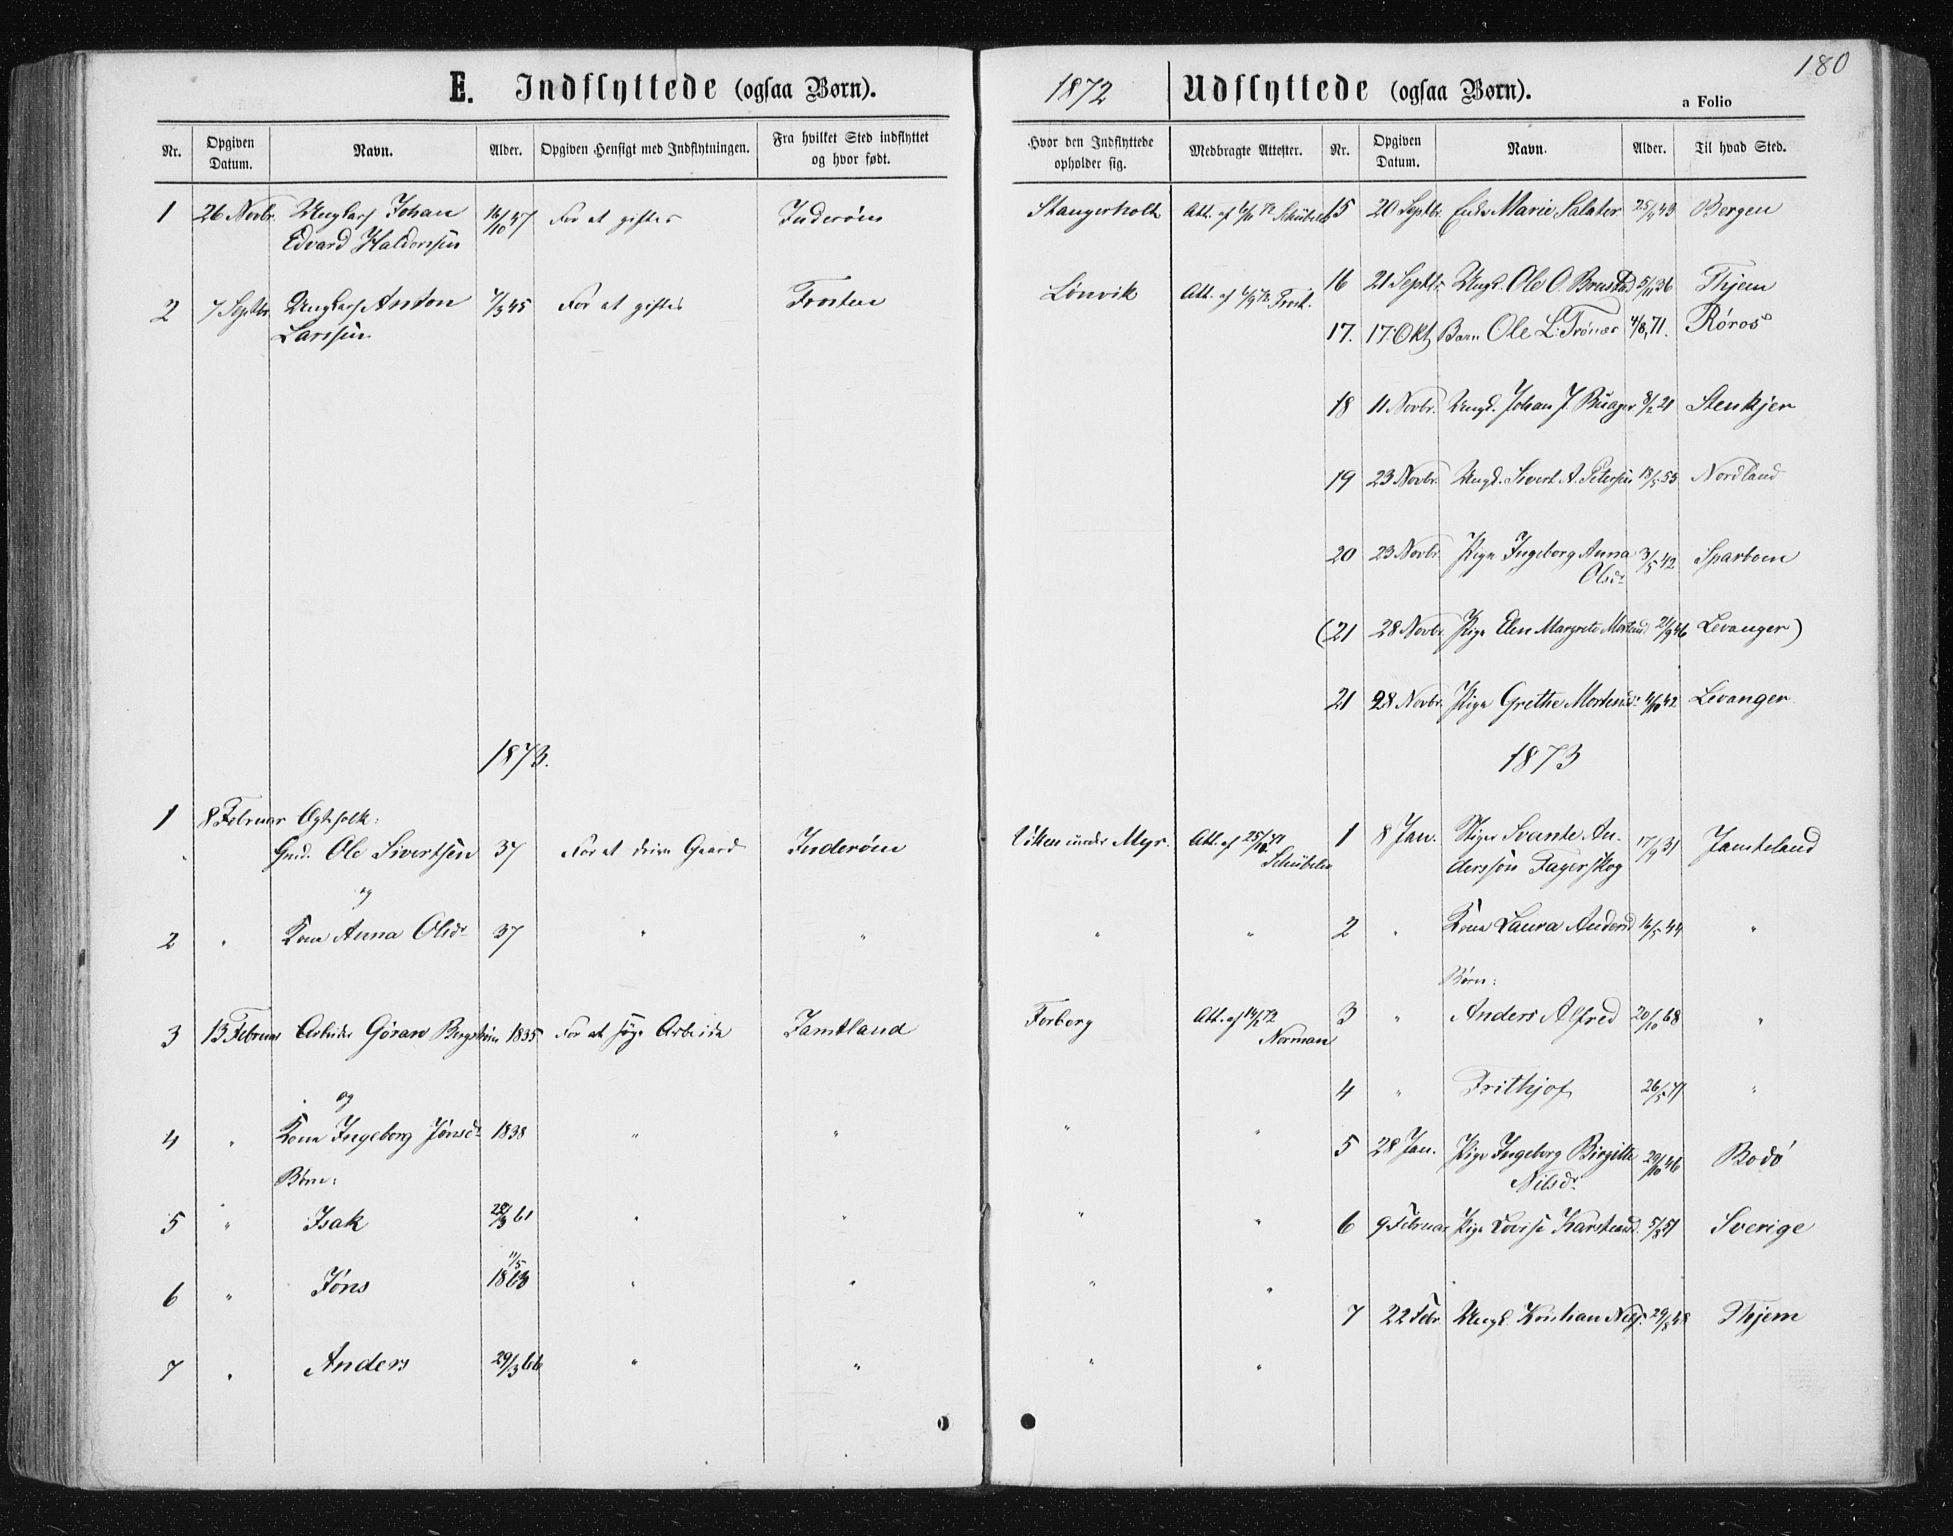 SAT, Ministerialprotokoller, klokkerbøker og fødselsregistre - Nord-Trøndelag, 722/L0219: Ministerialbok nr. 722A06, 1868-1880, s. 180